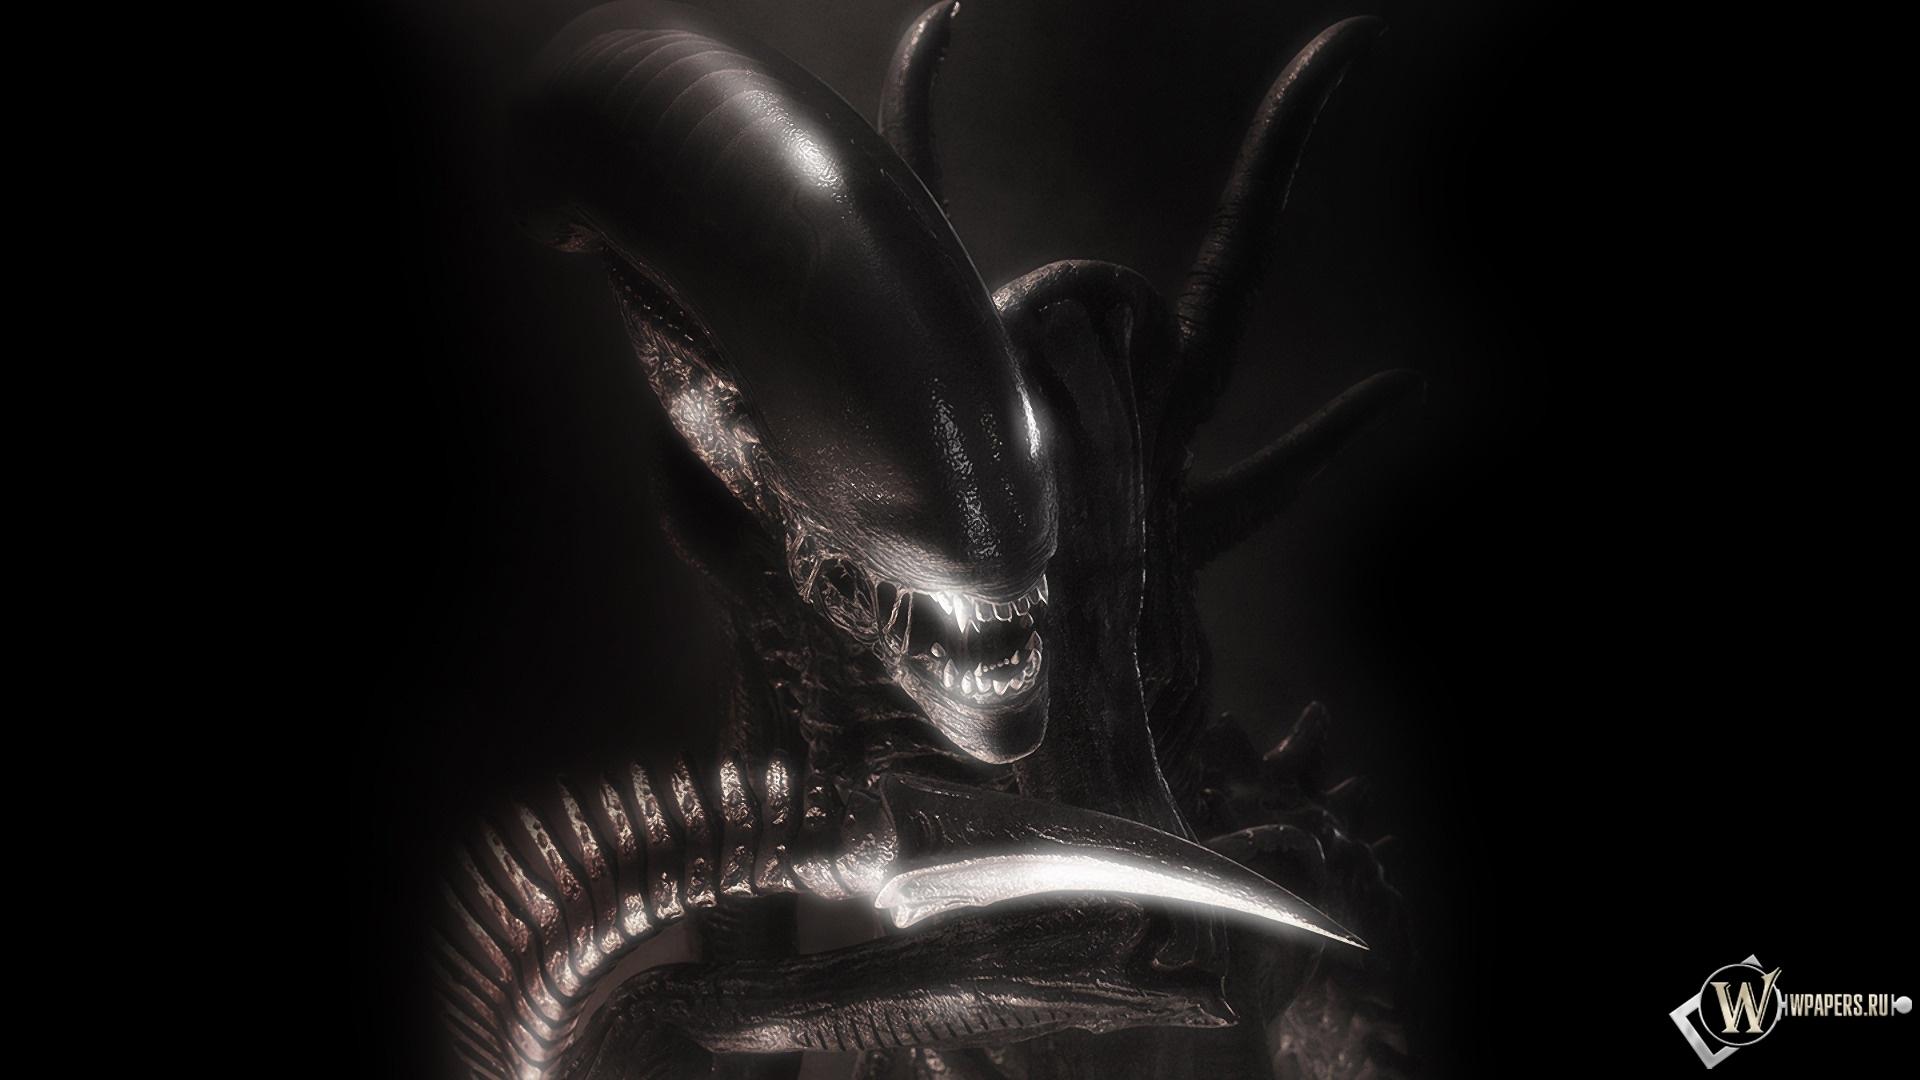 Alien 1920x1080